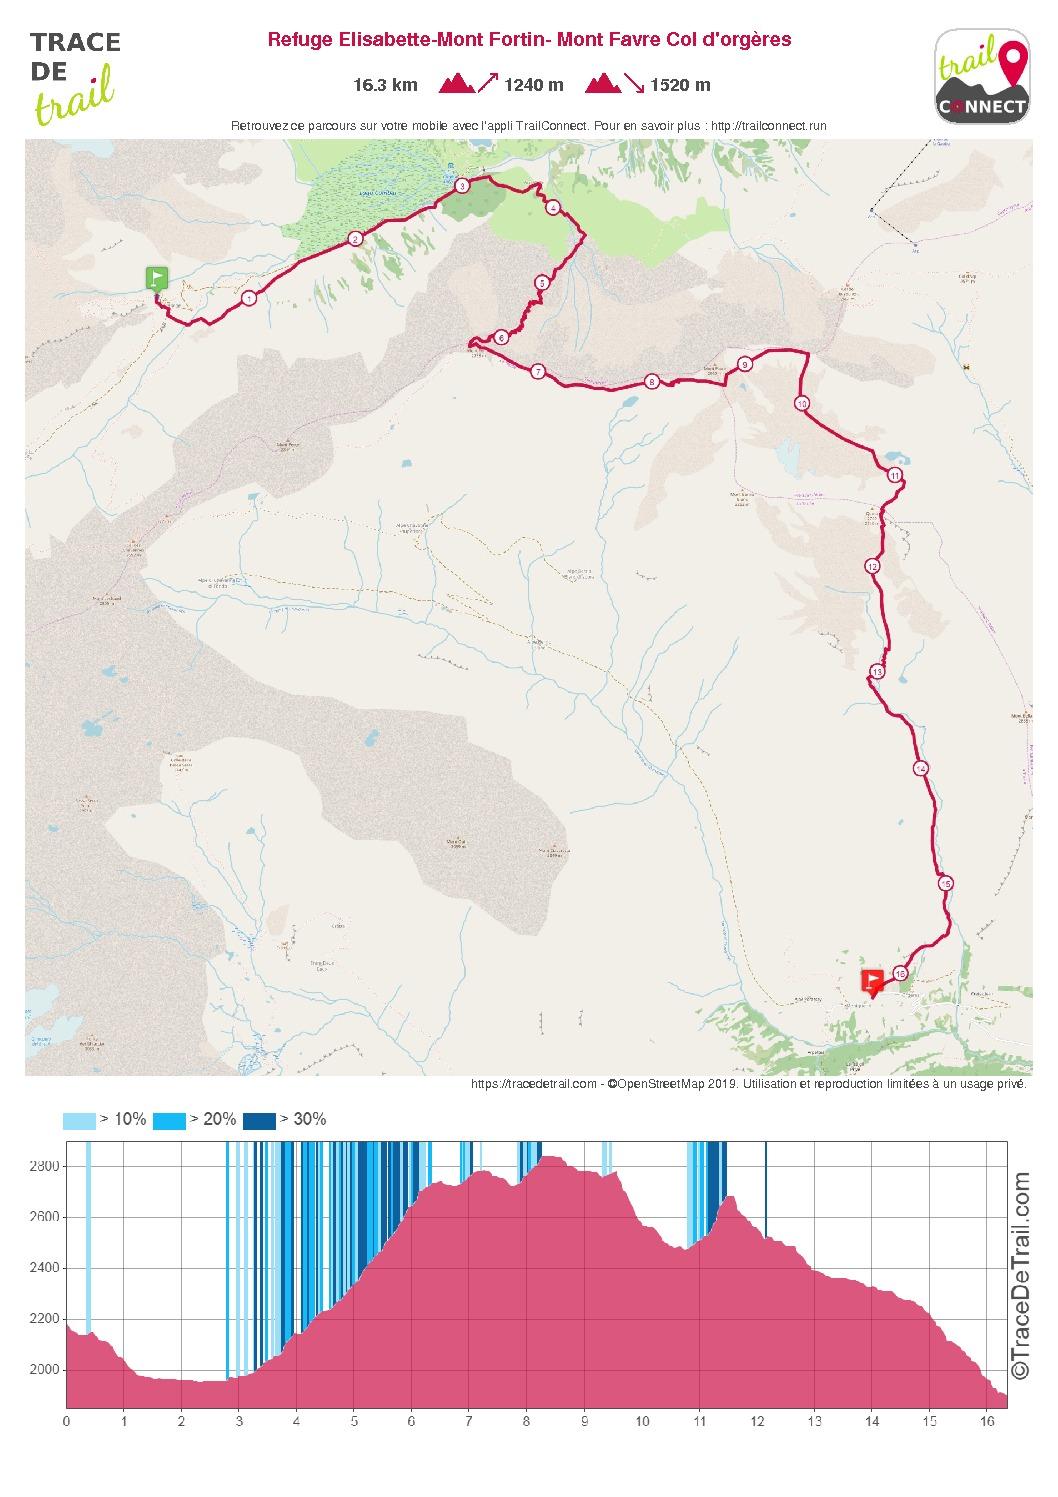 thumbnail of Refuge Elisabette-Mont Fortin- Mont Favre Col d'orgères